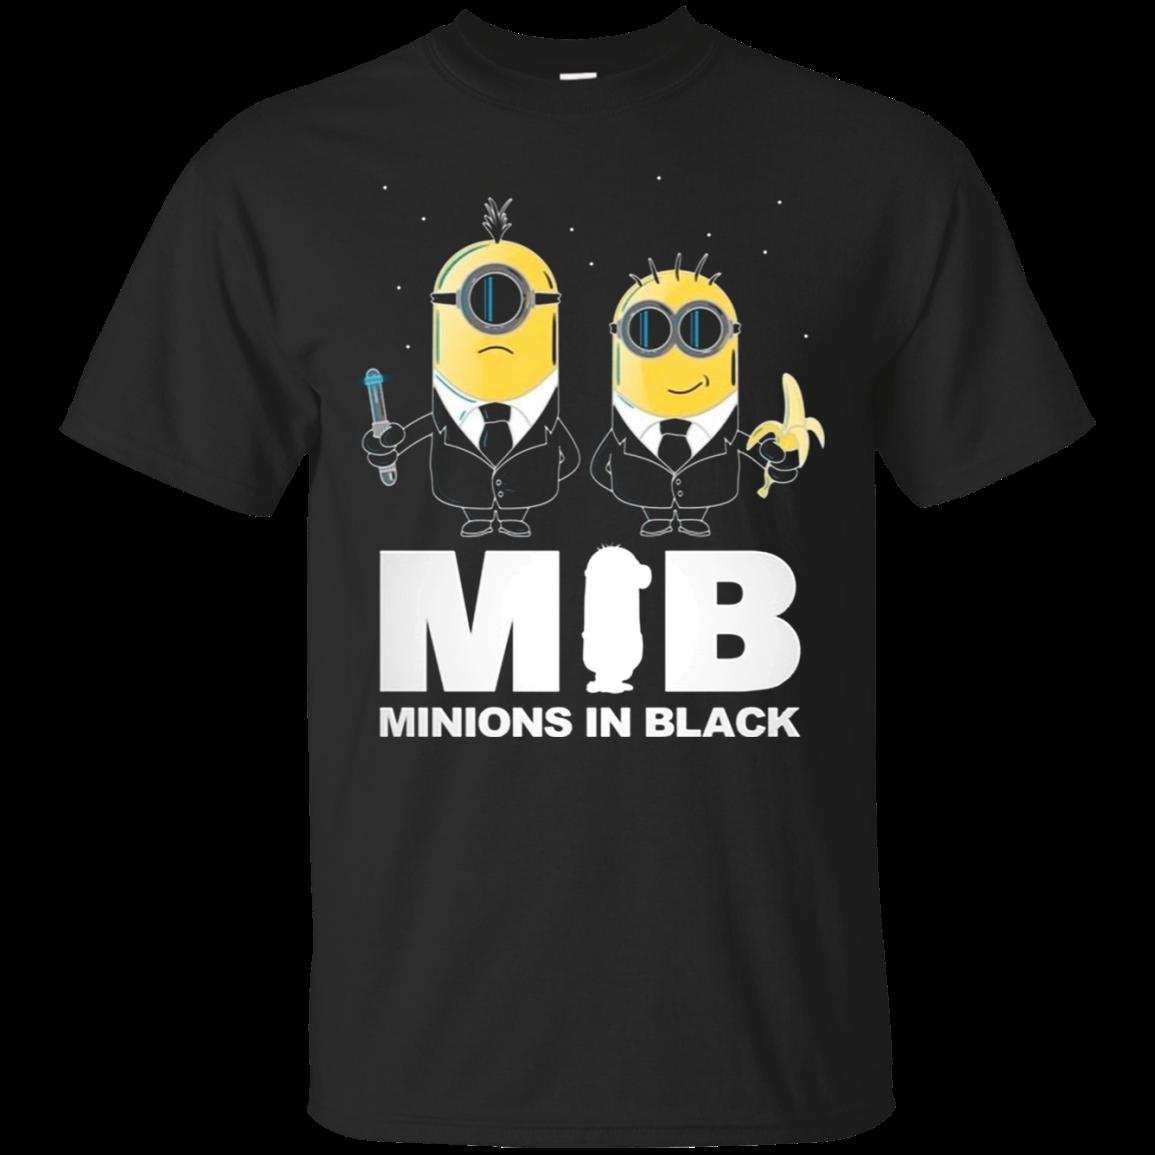 Mib Minions In Black T Shirt